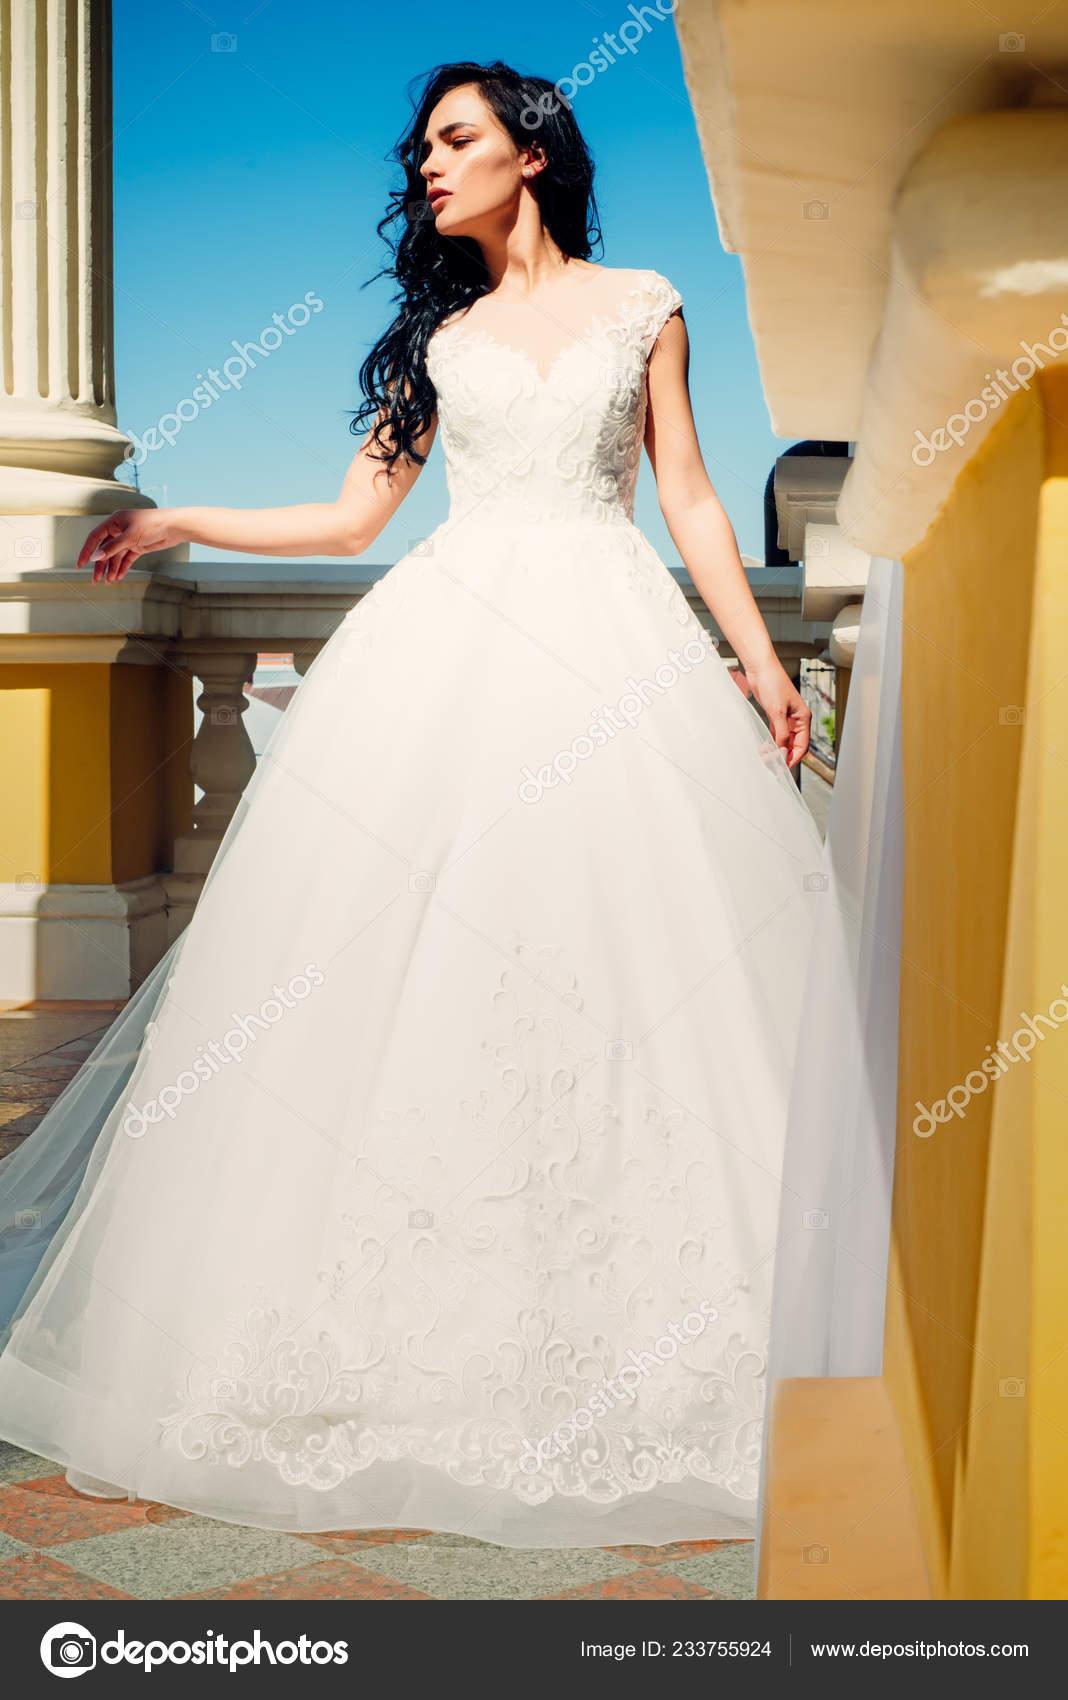 9b4560eef34b9 Salon de mariage élégant est en attente pour la mariée. Belles robes dans  la boutique